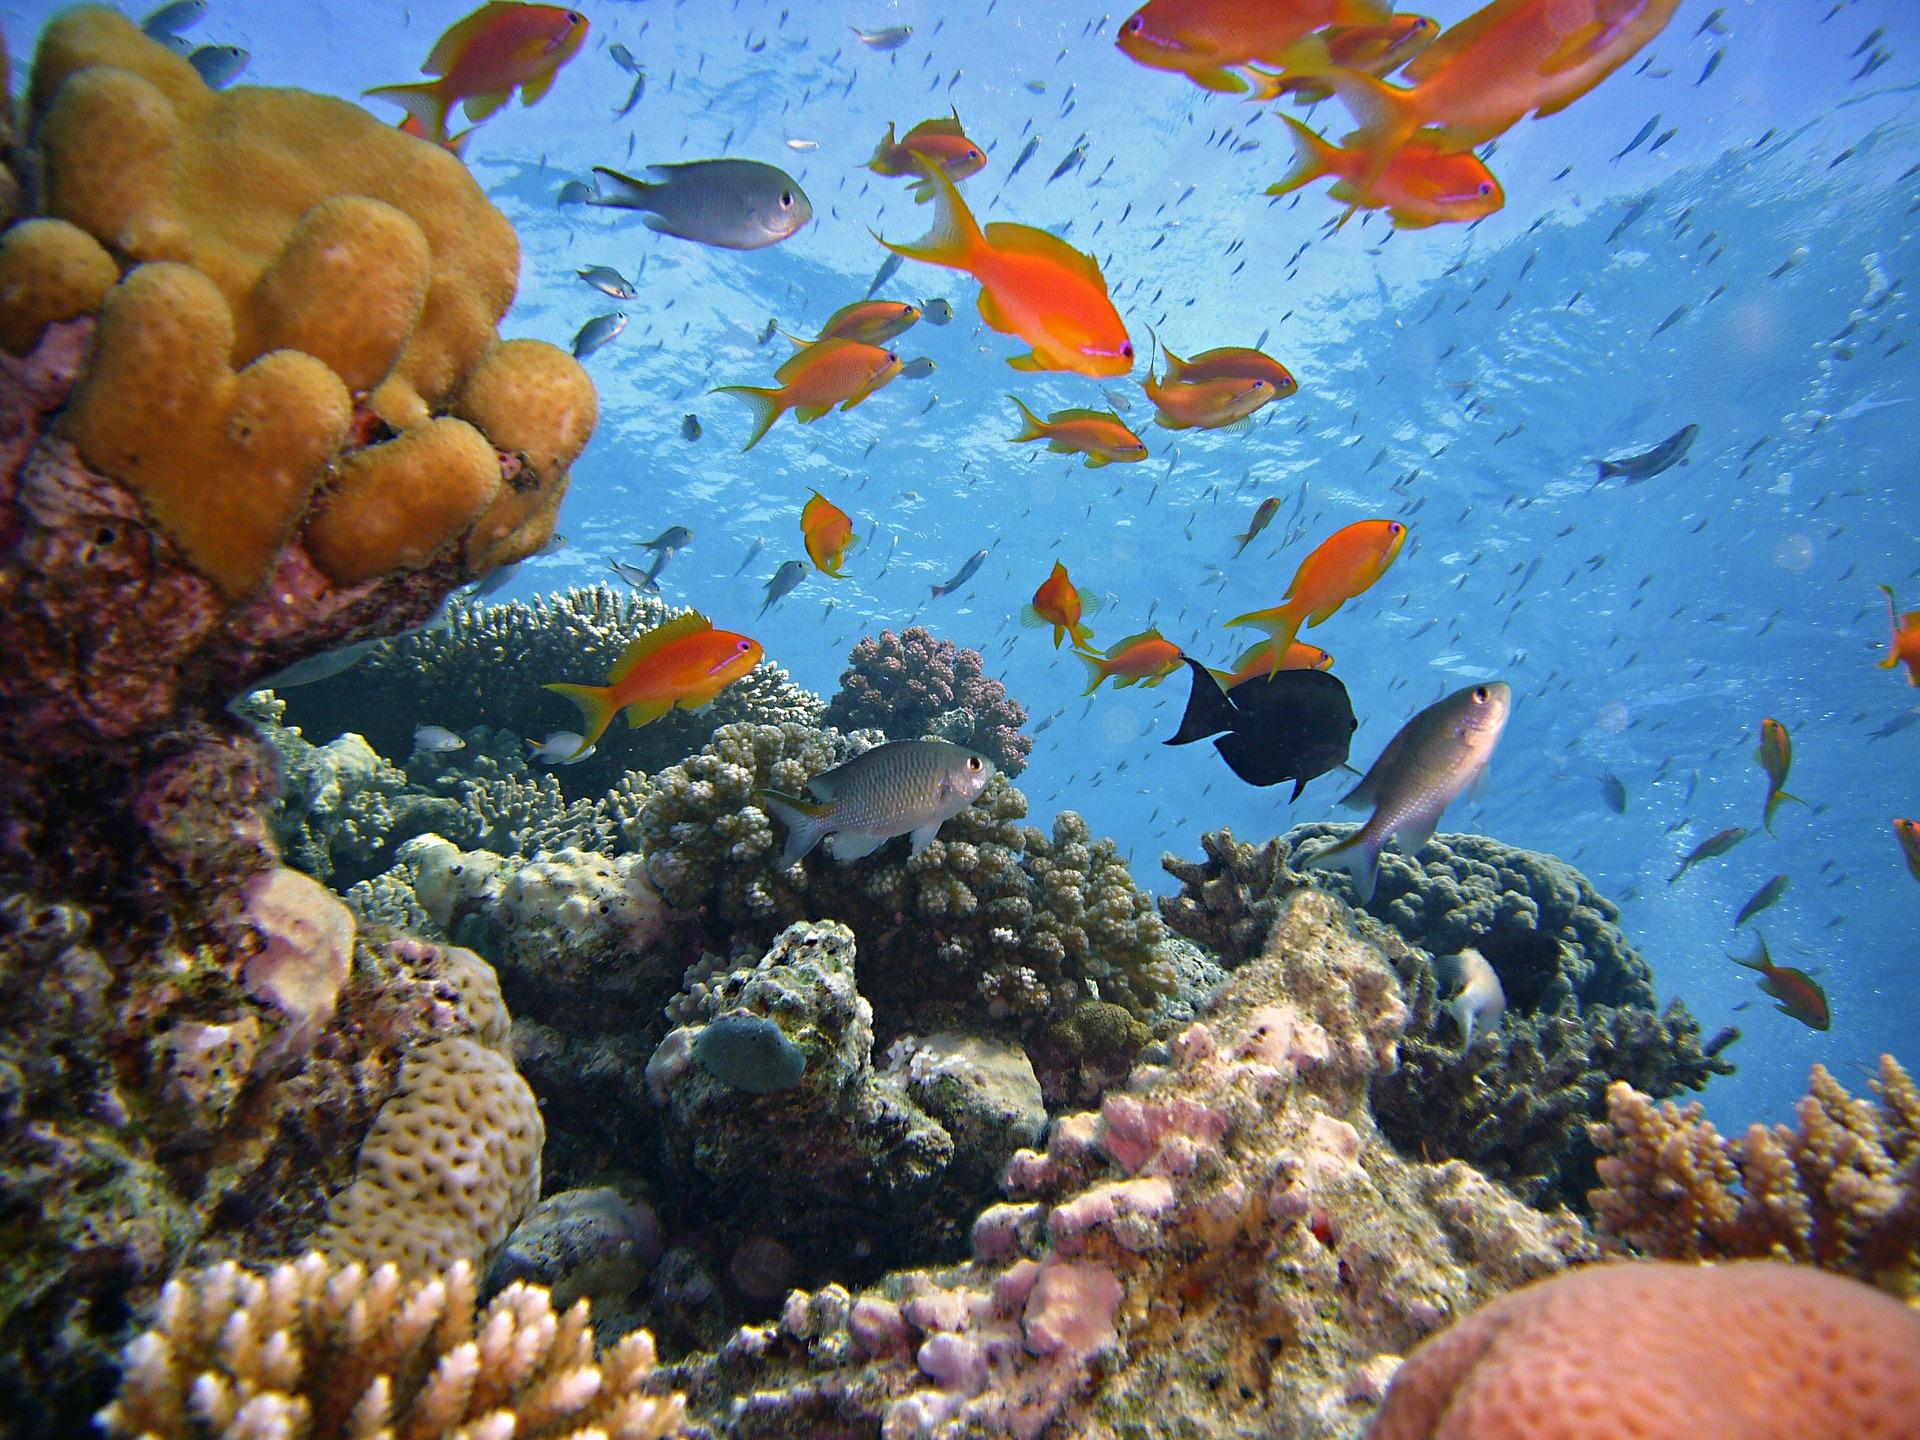 Tauchen Hurghada - direkt am roten Meer mit einer Glasklaren sicht auch unter Wasser